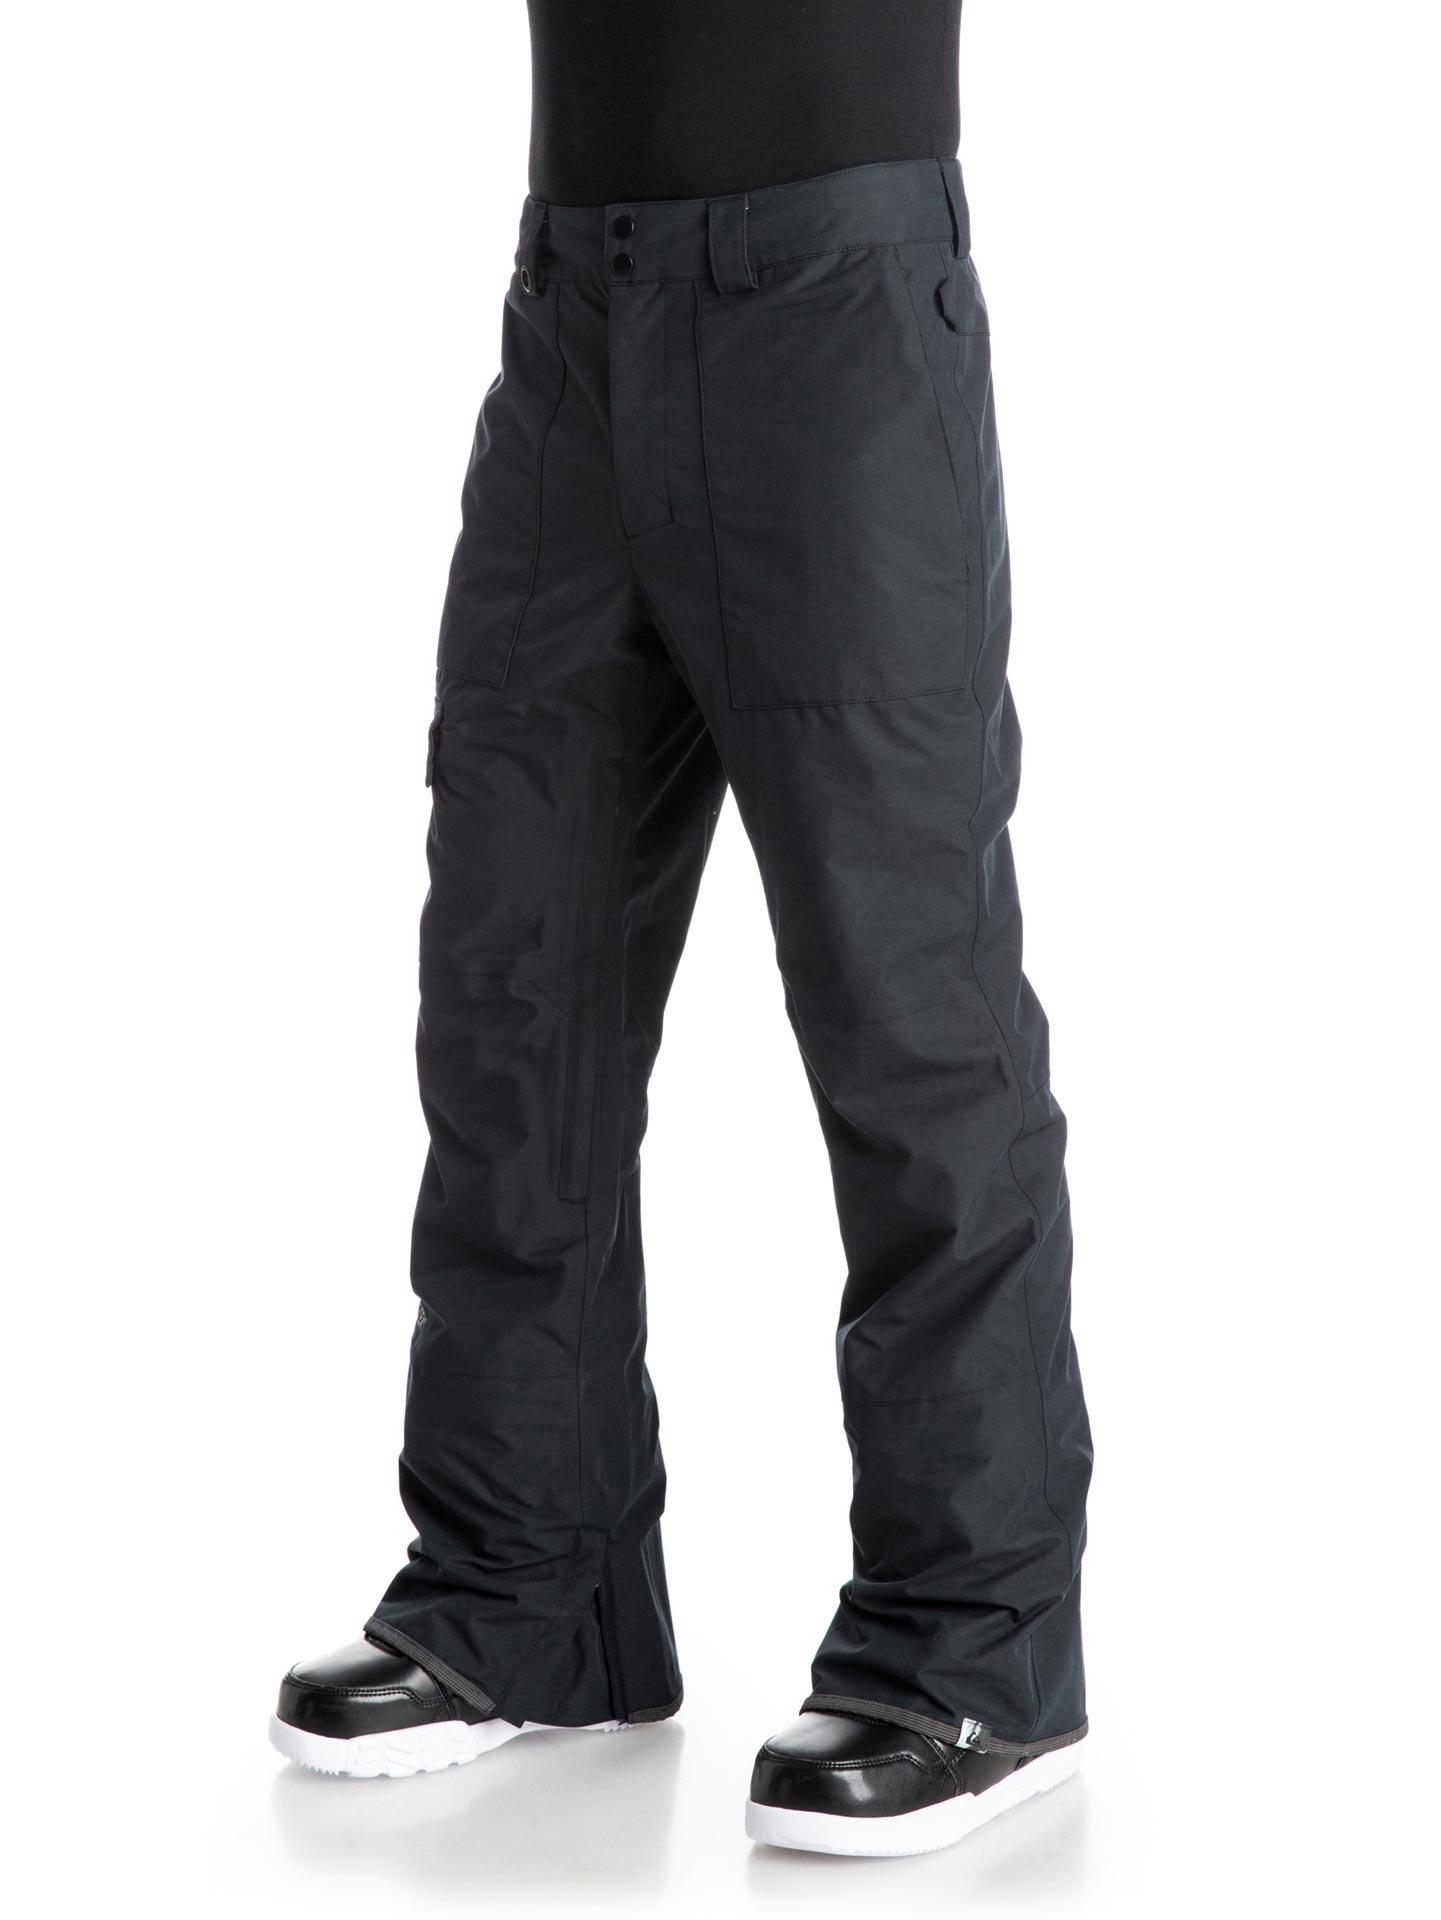 Quiksilver: Swords Gore-Tex Pants